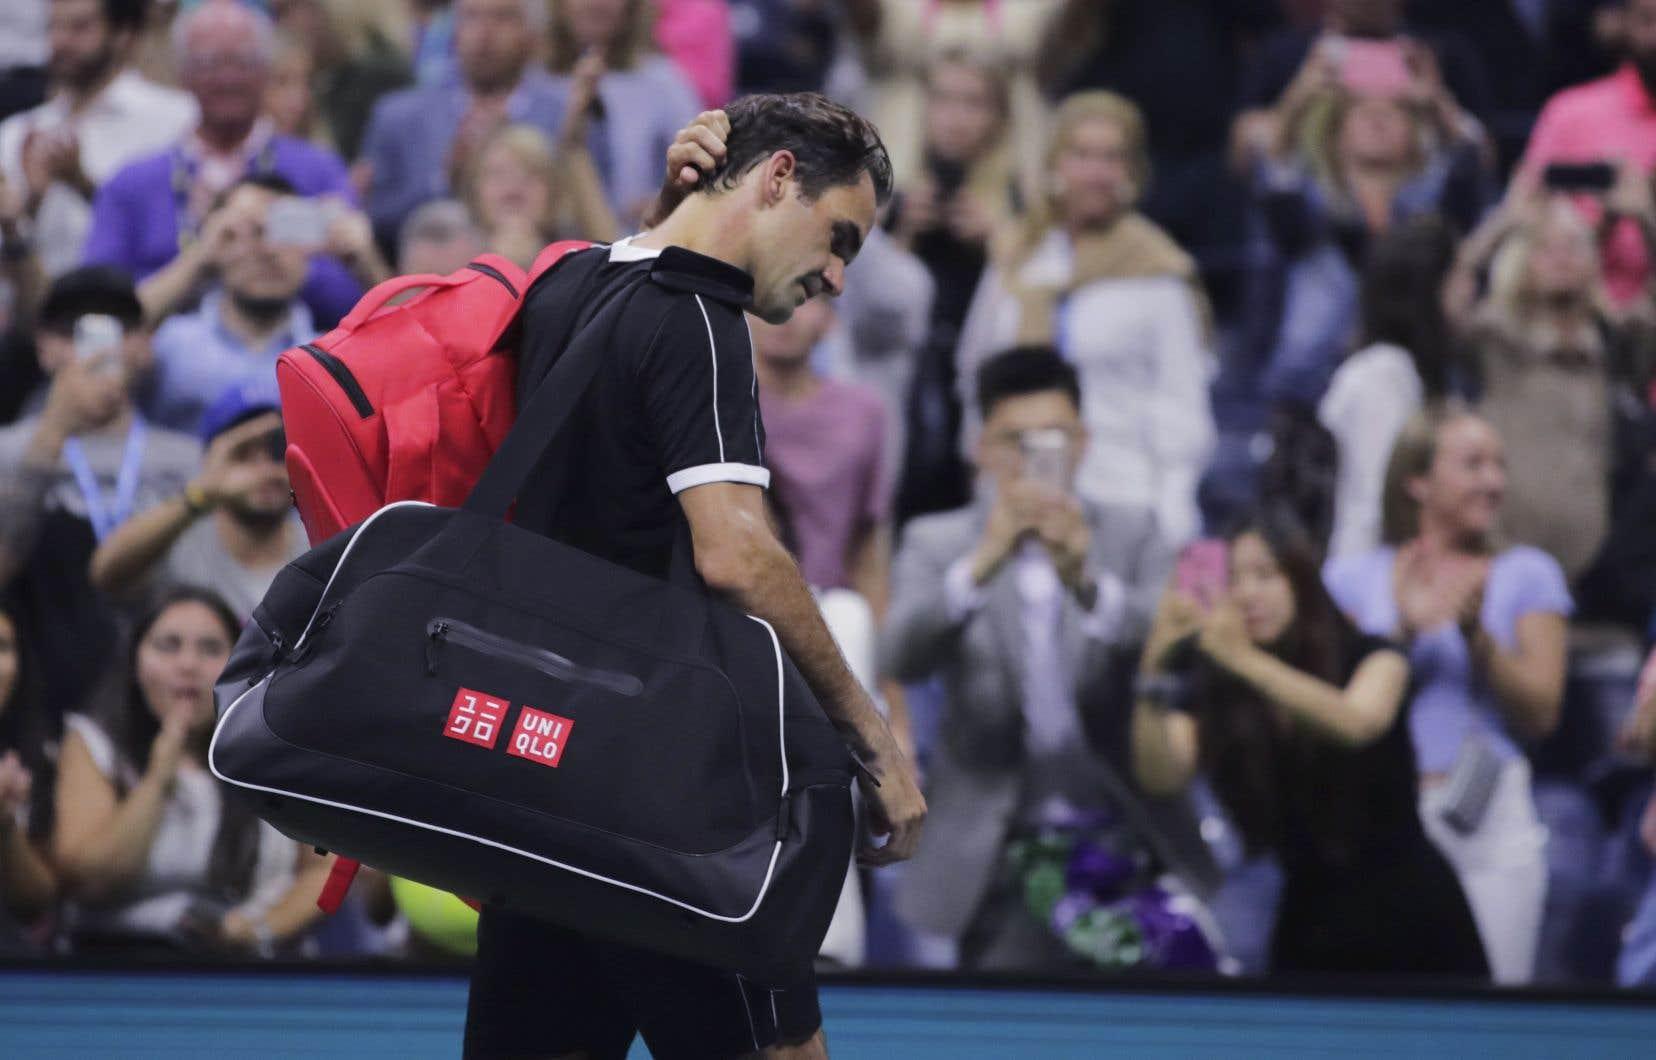 Avec une avance de 5-2 et face à un Federer qui semblait à court d'énergie, Dimitrov a gagné les quatre points à son service, le dernier sur un coup droit du Suisse hors limite pour mériter son billet en demi-finale.